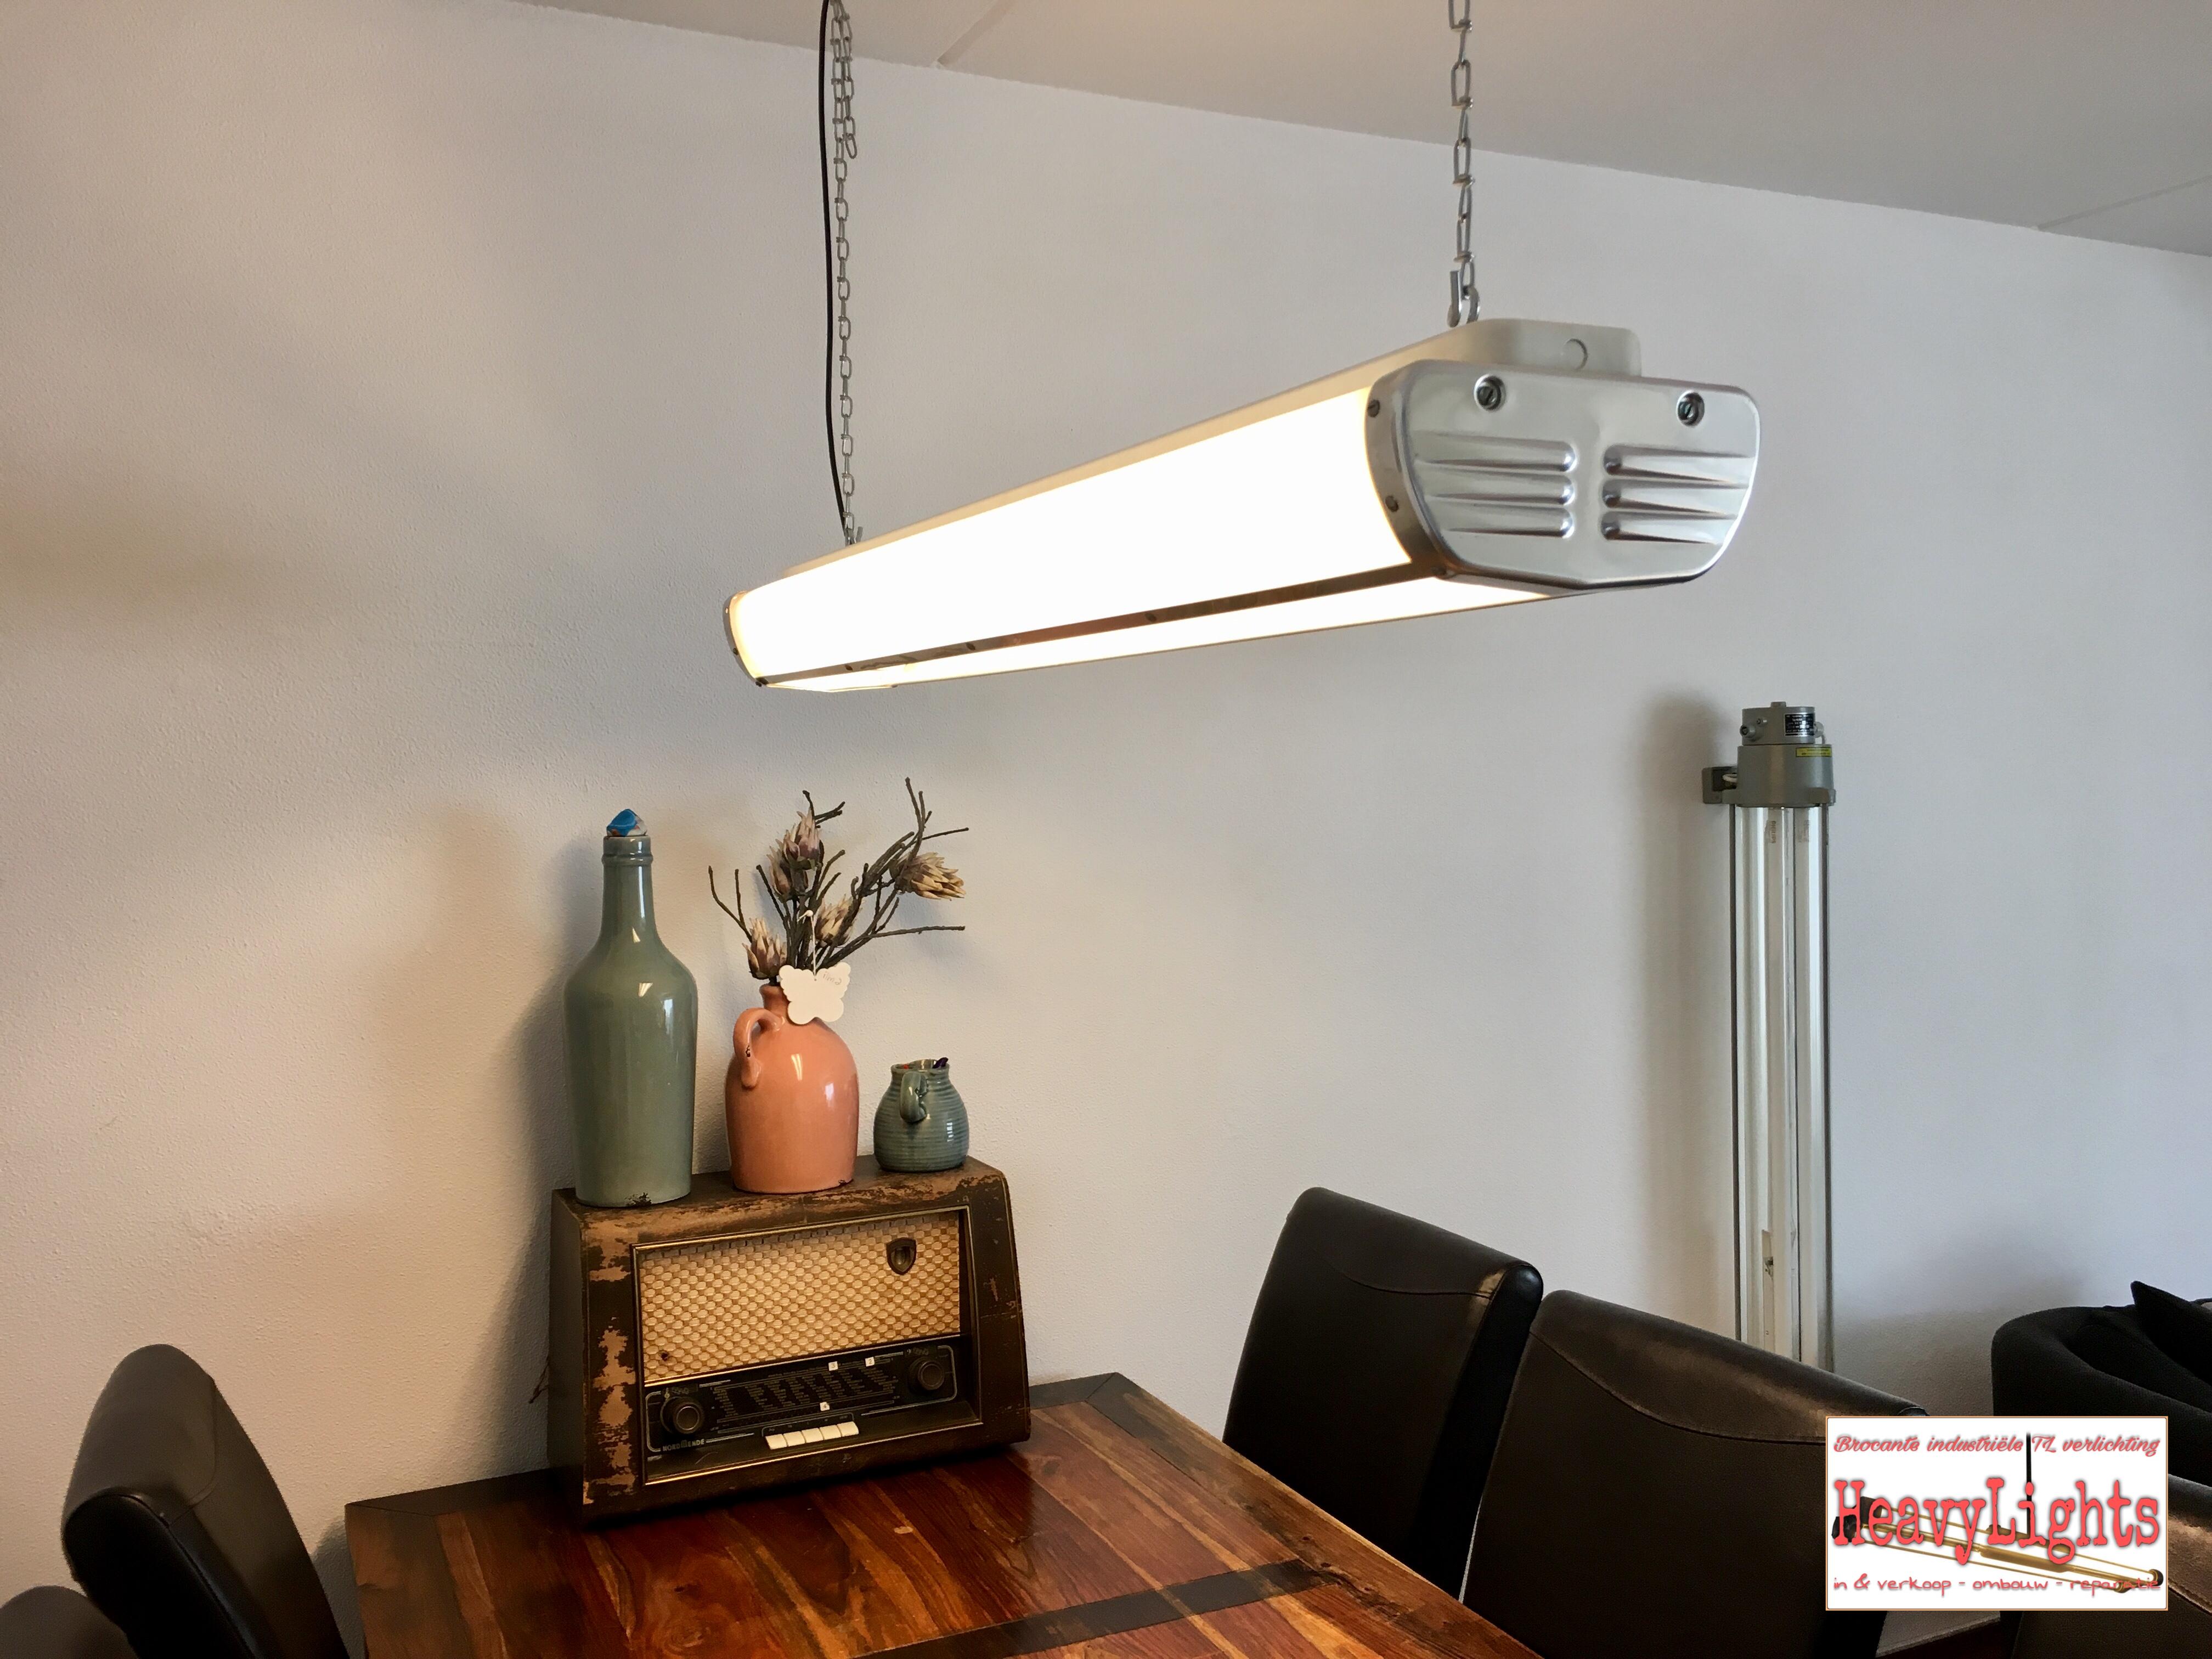 Led Lamp Badkamer : Badkamer lamp tl lucide tisis led ronde badkamer plafondlamp